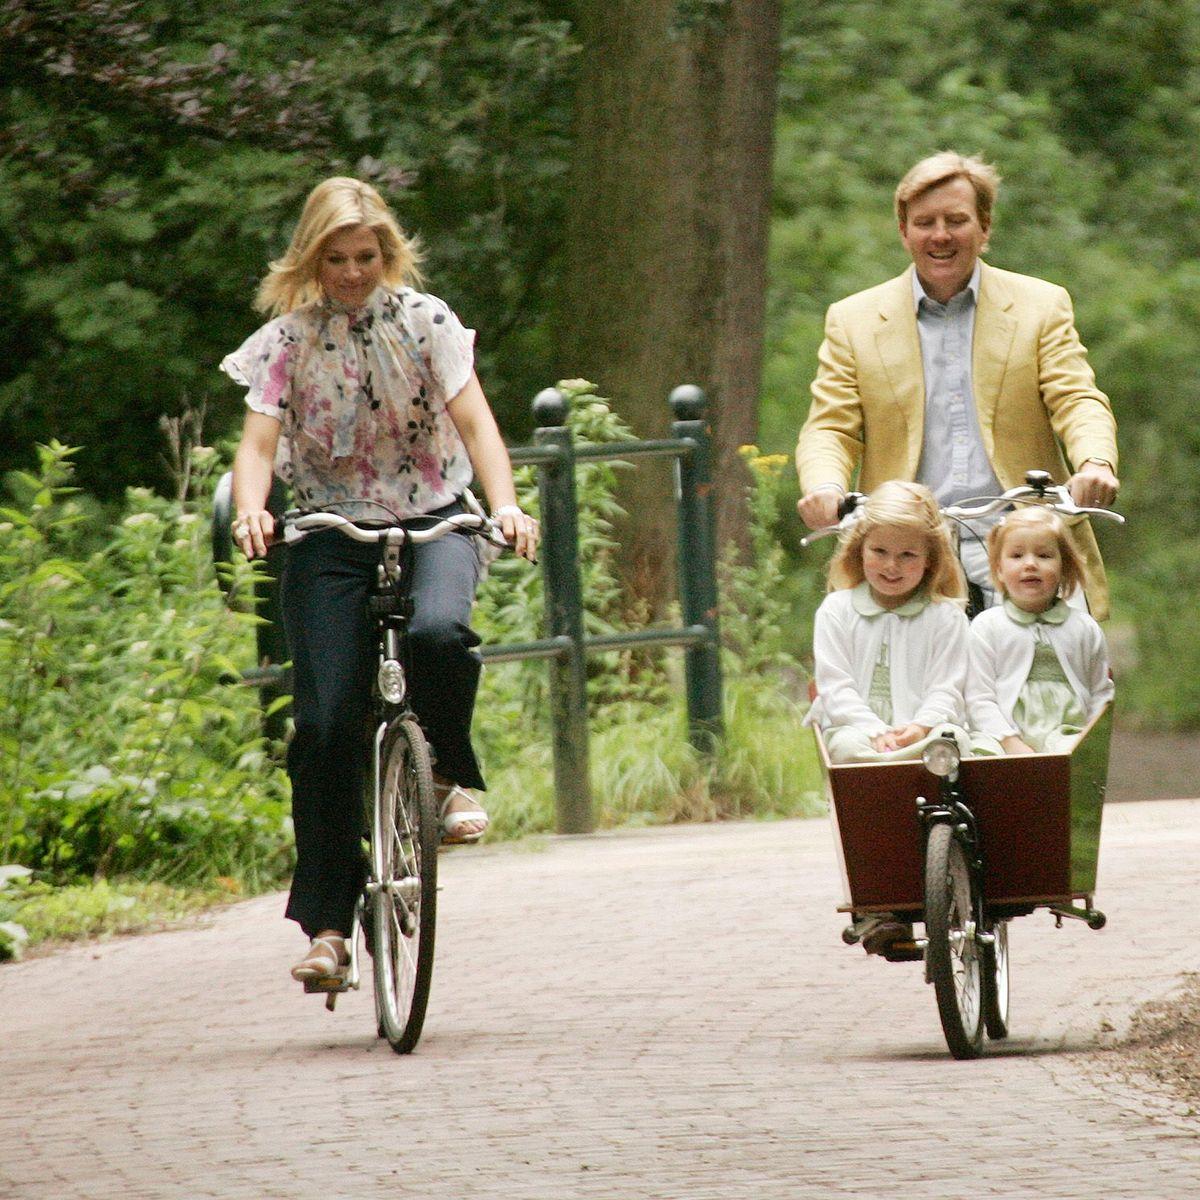 https www spiegel de reise europa niederlanden verkehrspolitik im zeichen des fahrrads a 868640 html